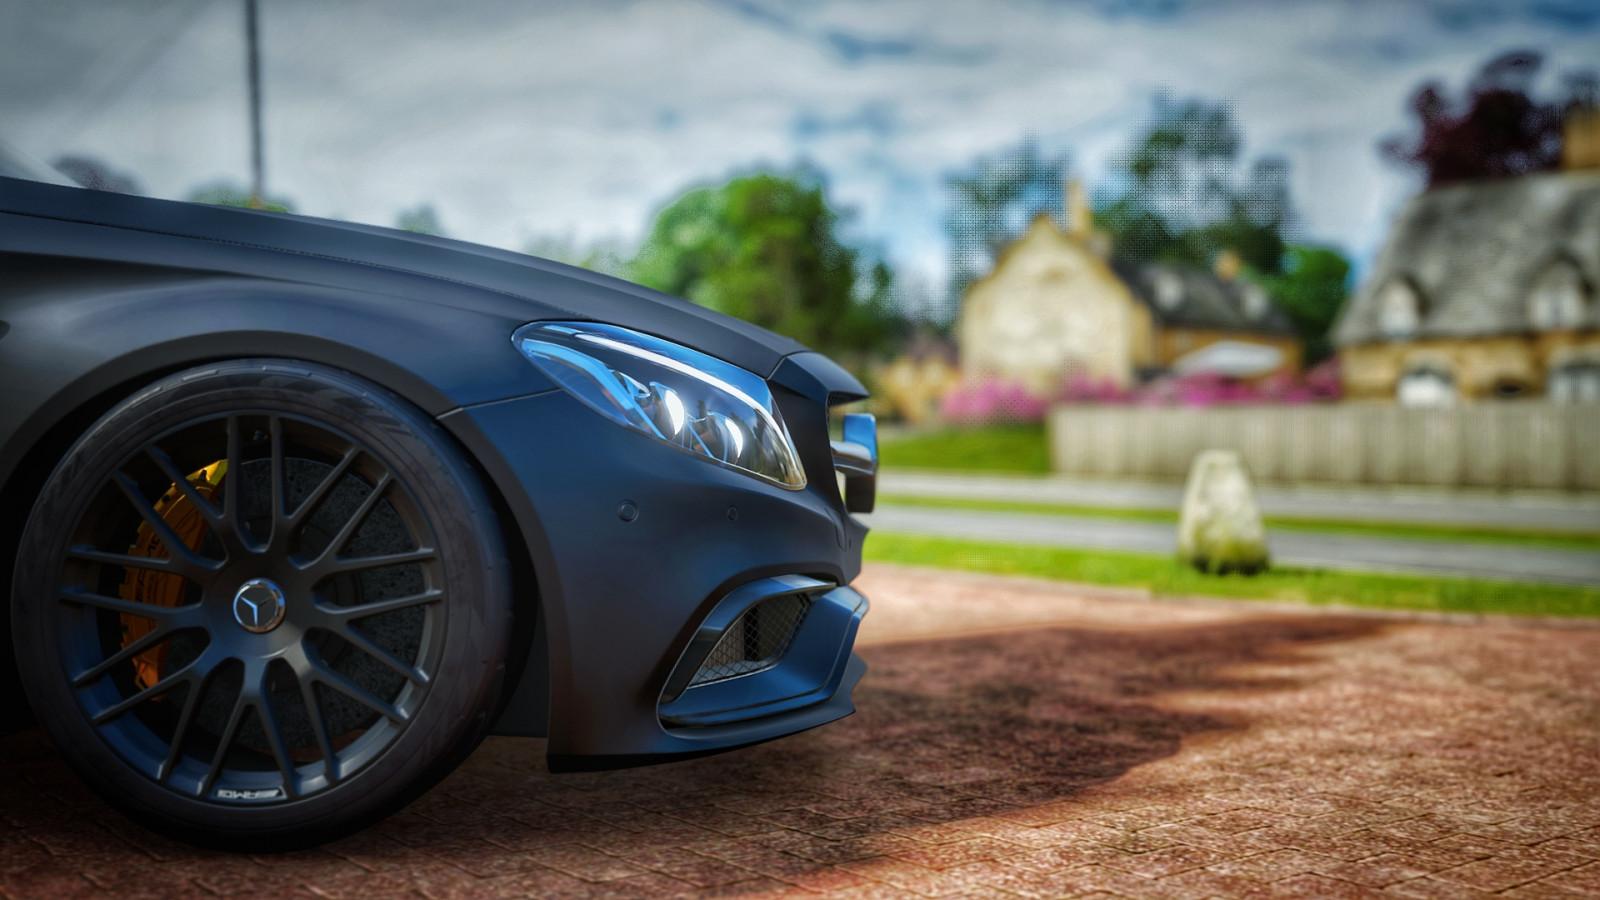 Wallpaper : Mercedes Benz C63 AMG, C63 AMG, Mercedes AMG ...